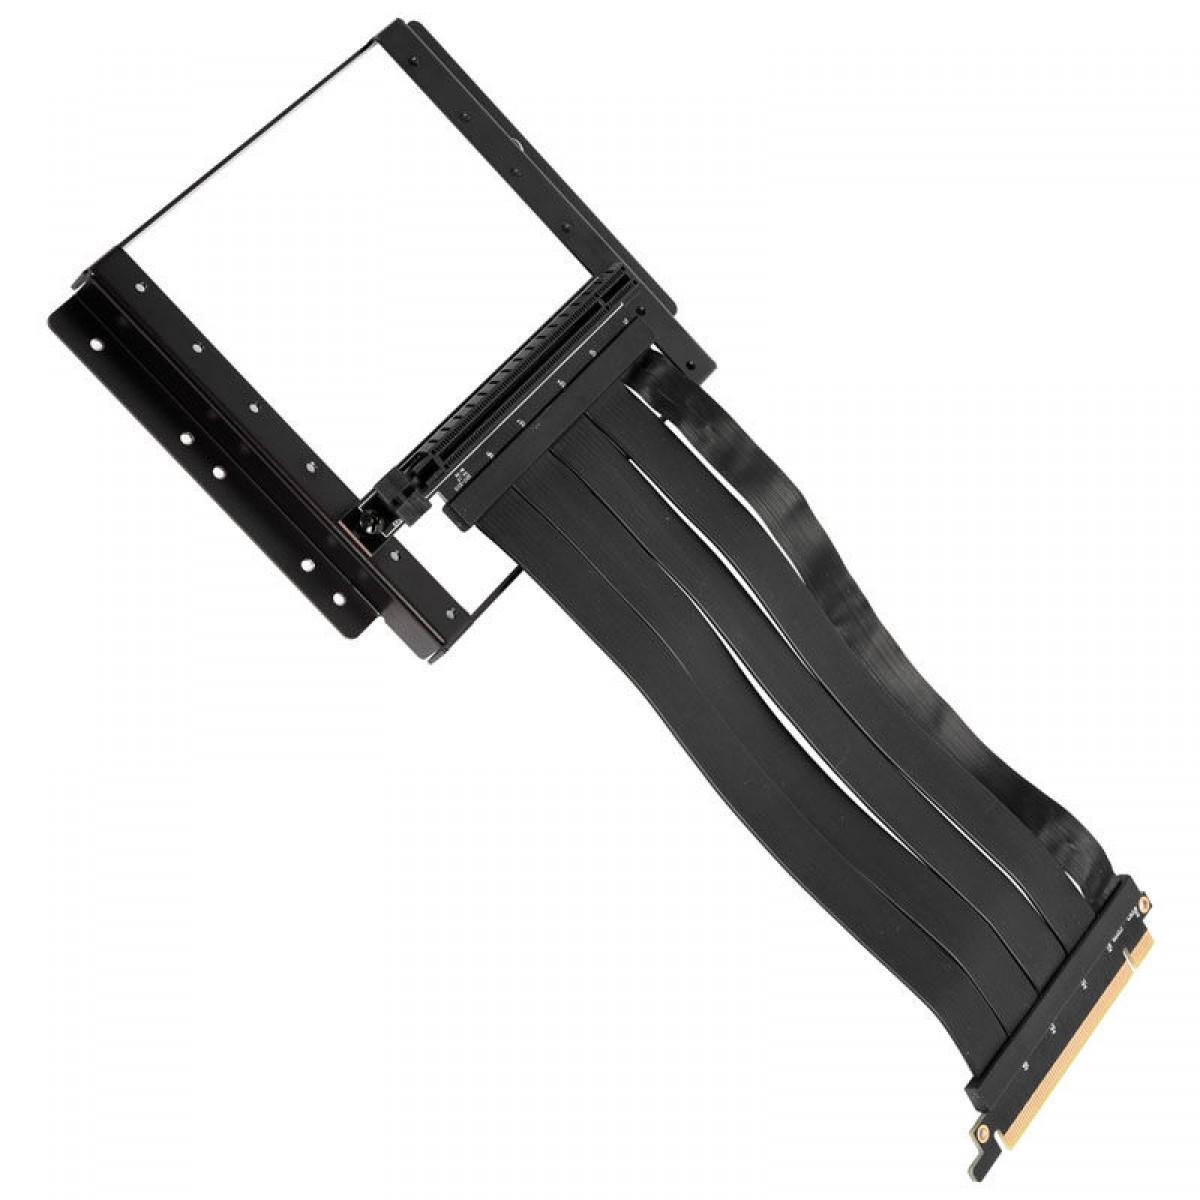 Suporte Vertical Lian Li O11D-1X com Riser para Placa de Vídeo